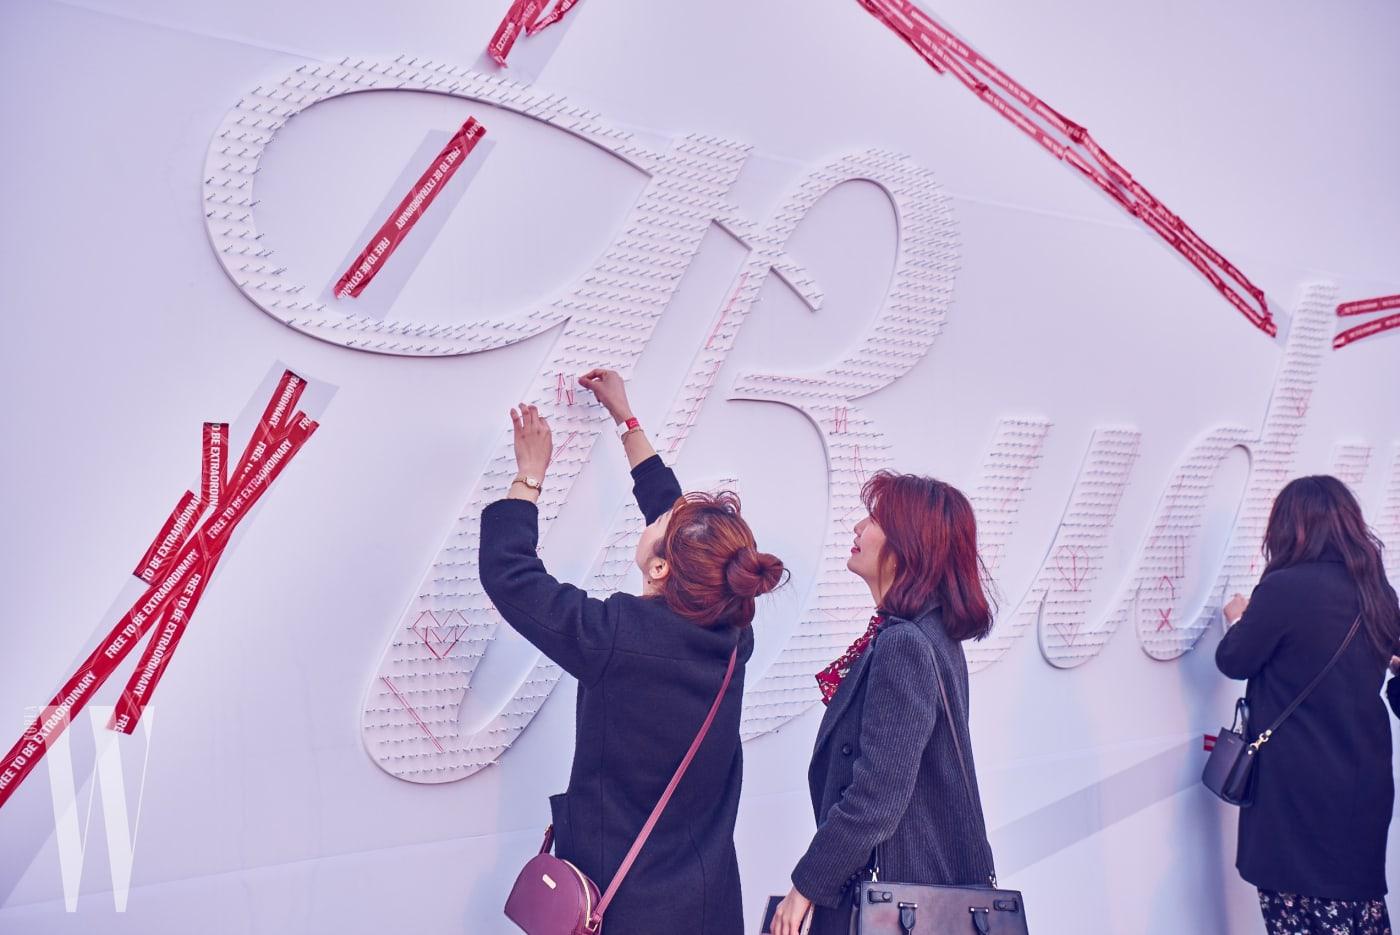 메인무대 바깥에선 참석자들이 일상 속 평범한 물건으로 버드와이저 로고를 완성했다.